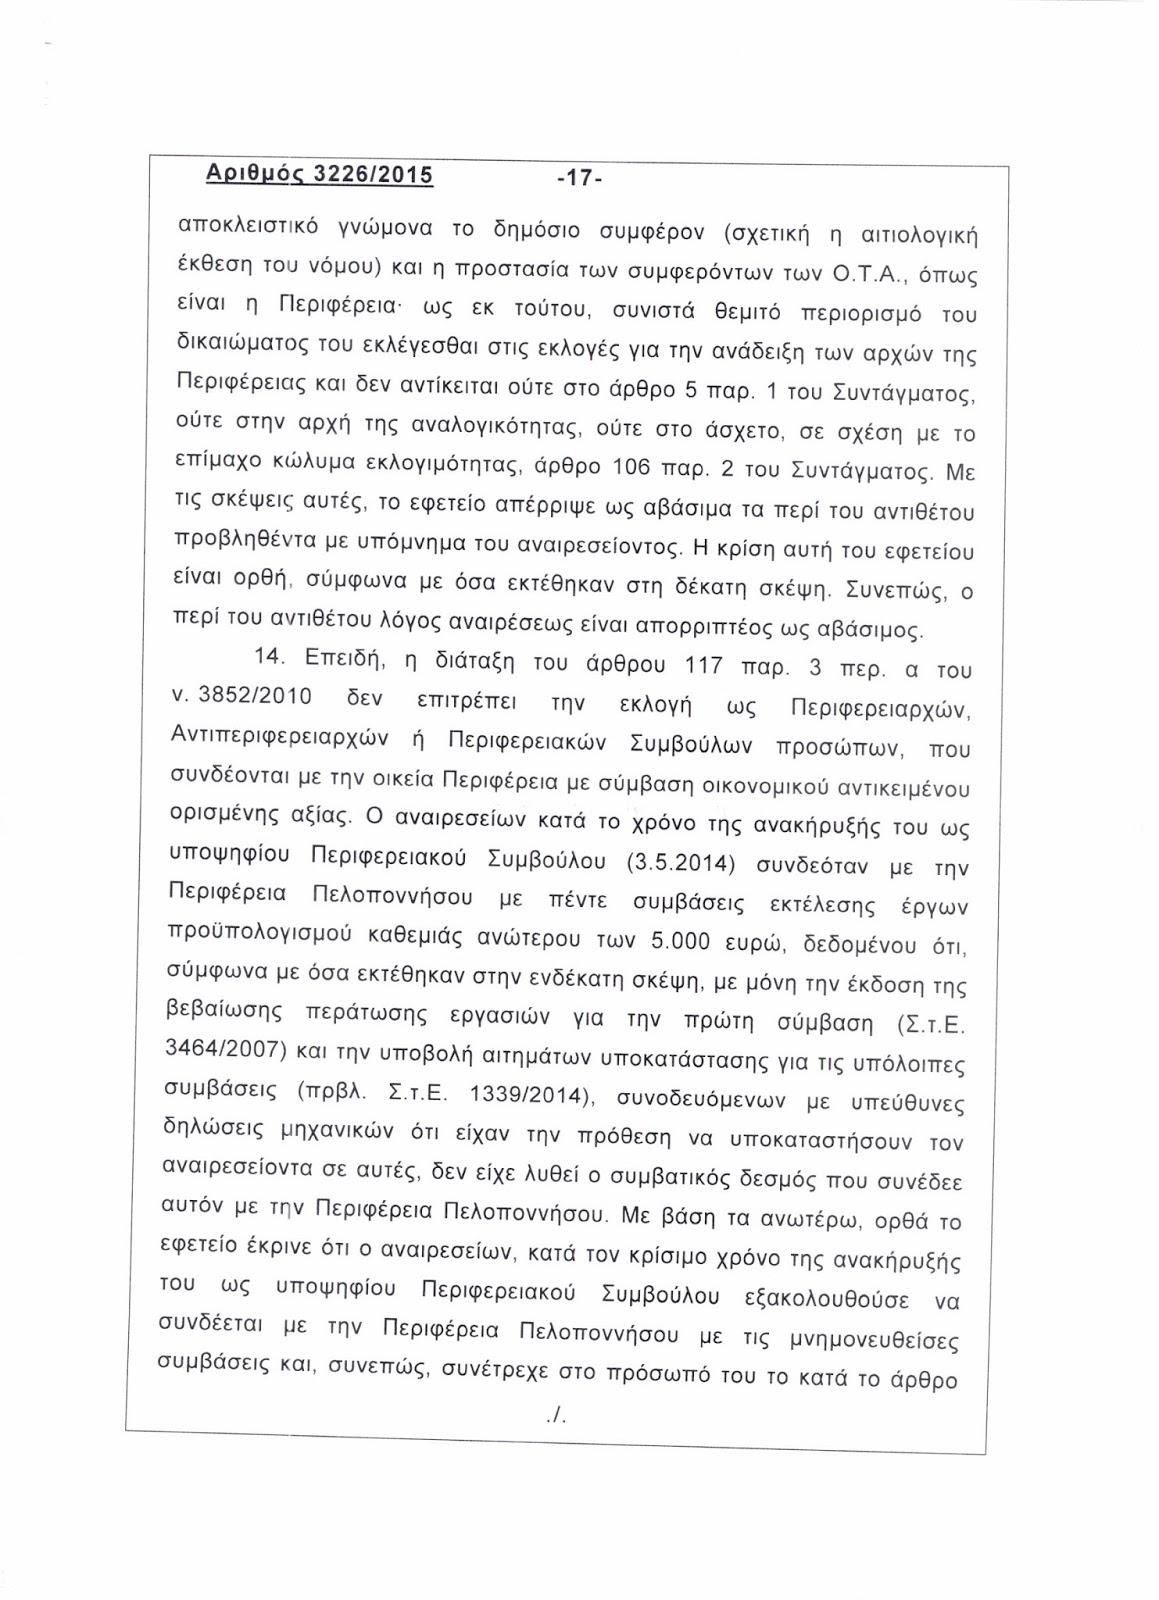 Ὁλόκληρη ἡ ἀπόφασις τοῦ ΣτΕ γιὰ τὸν Γιαννακόπουλο17